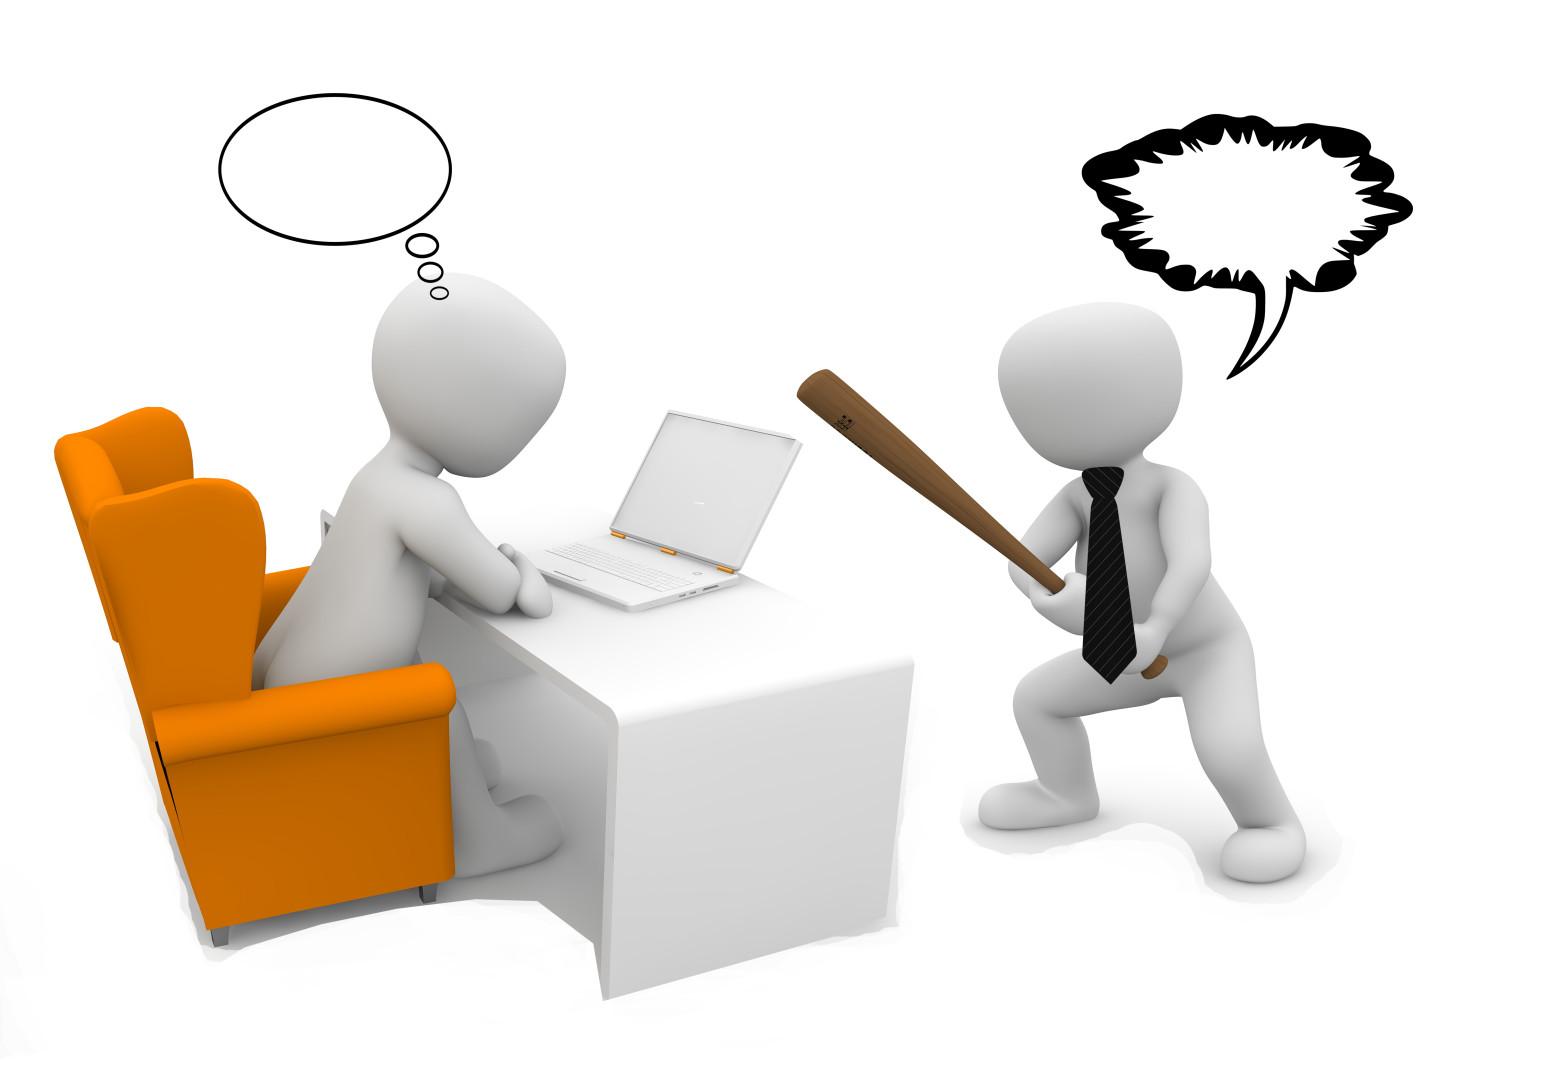 bonhomme blanc 3d entreprise business travail bureau images gratuites